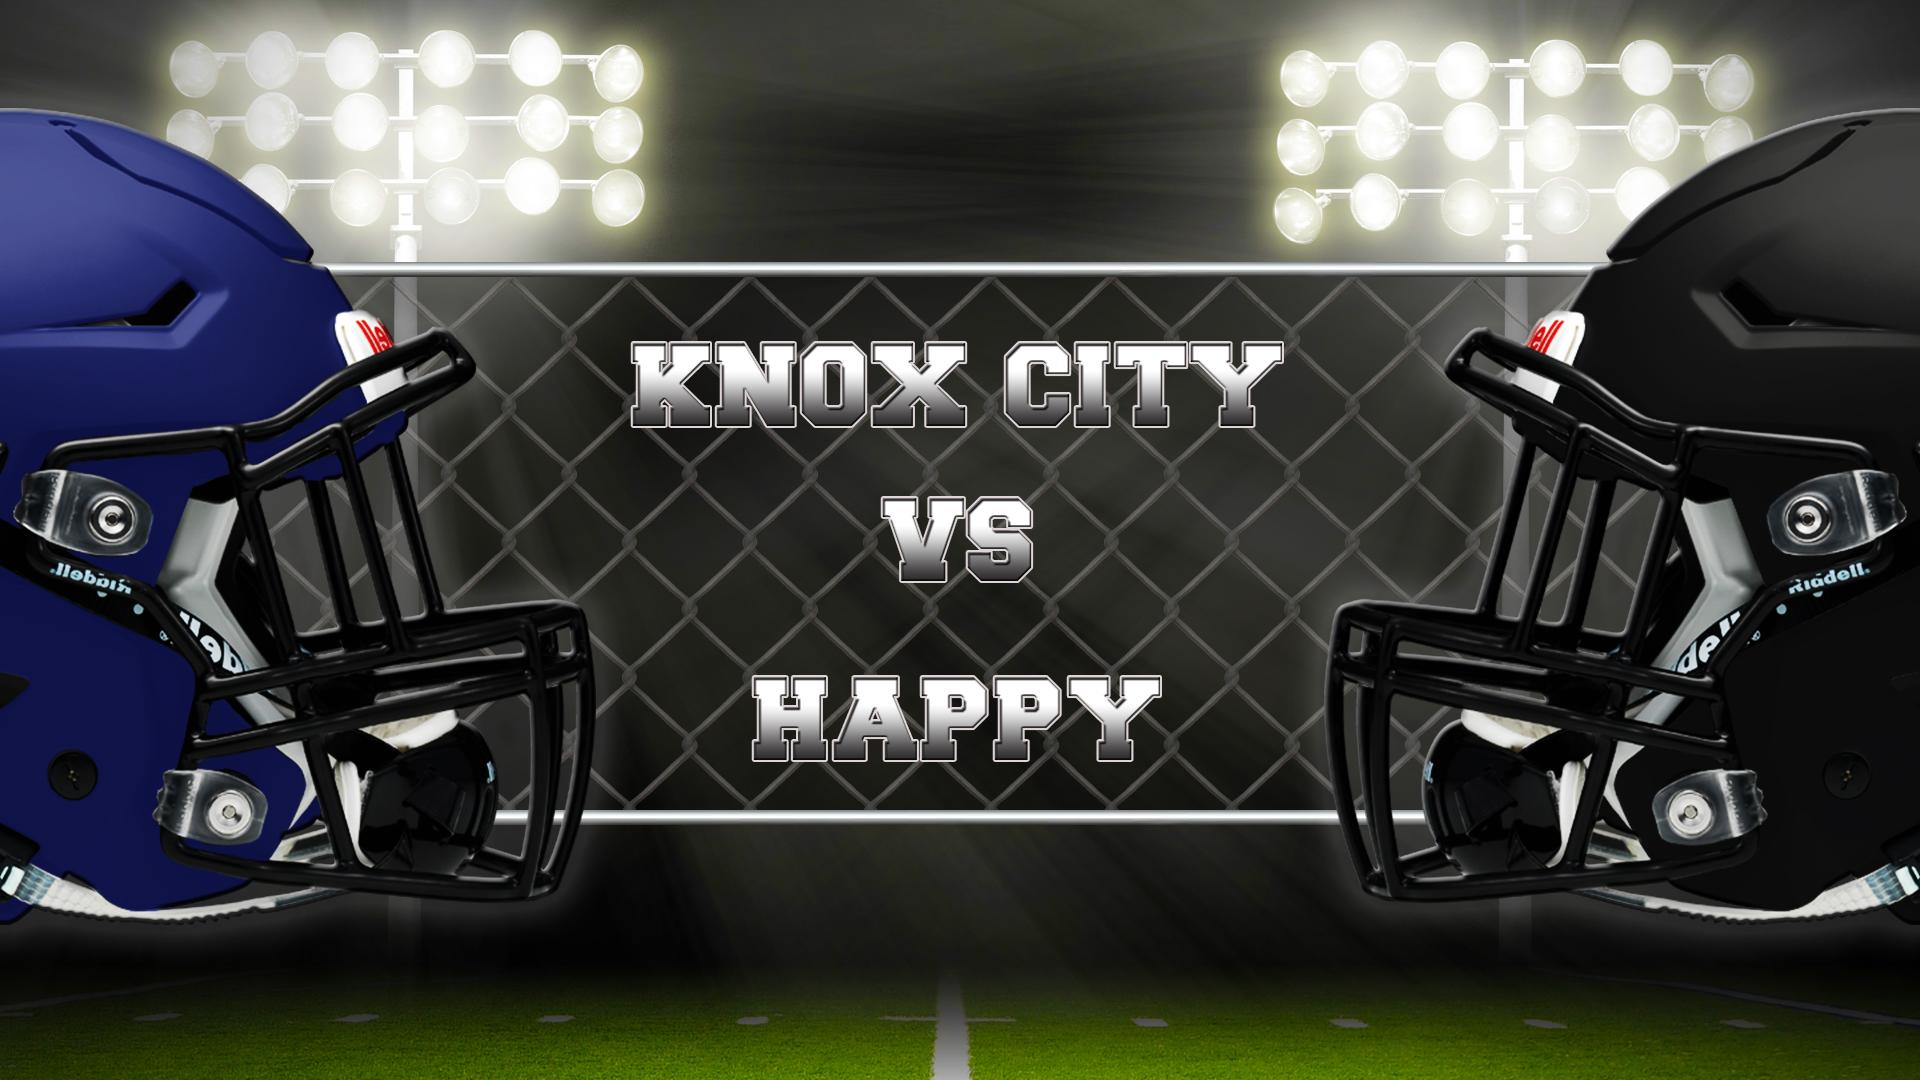 Knox City vs Happy_1479937749090.jpg